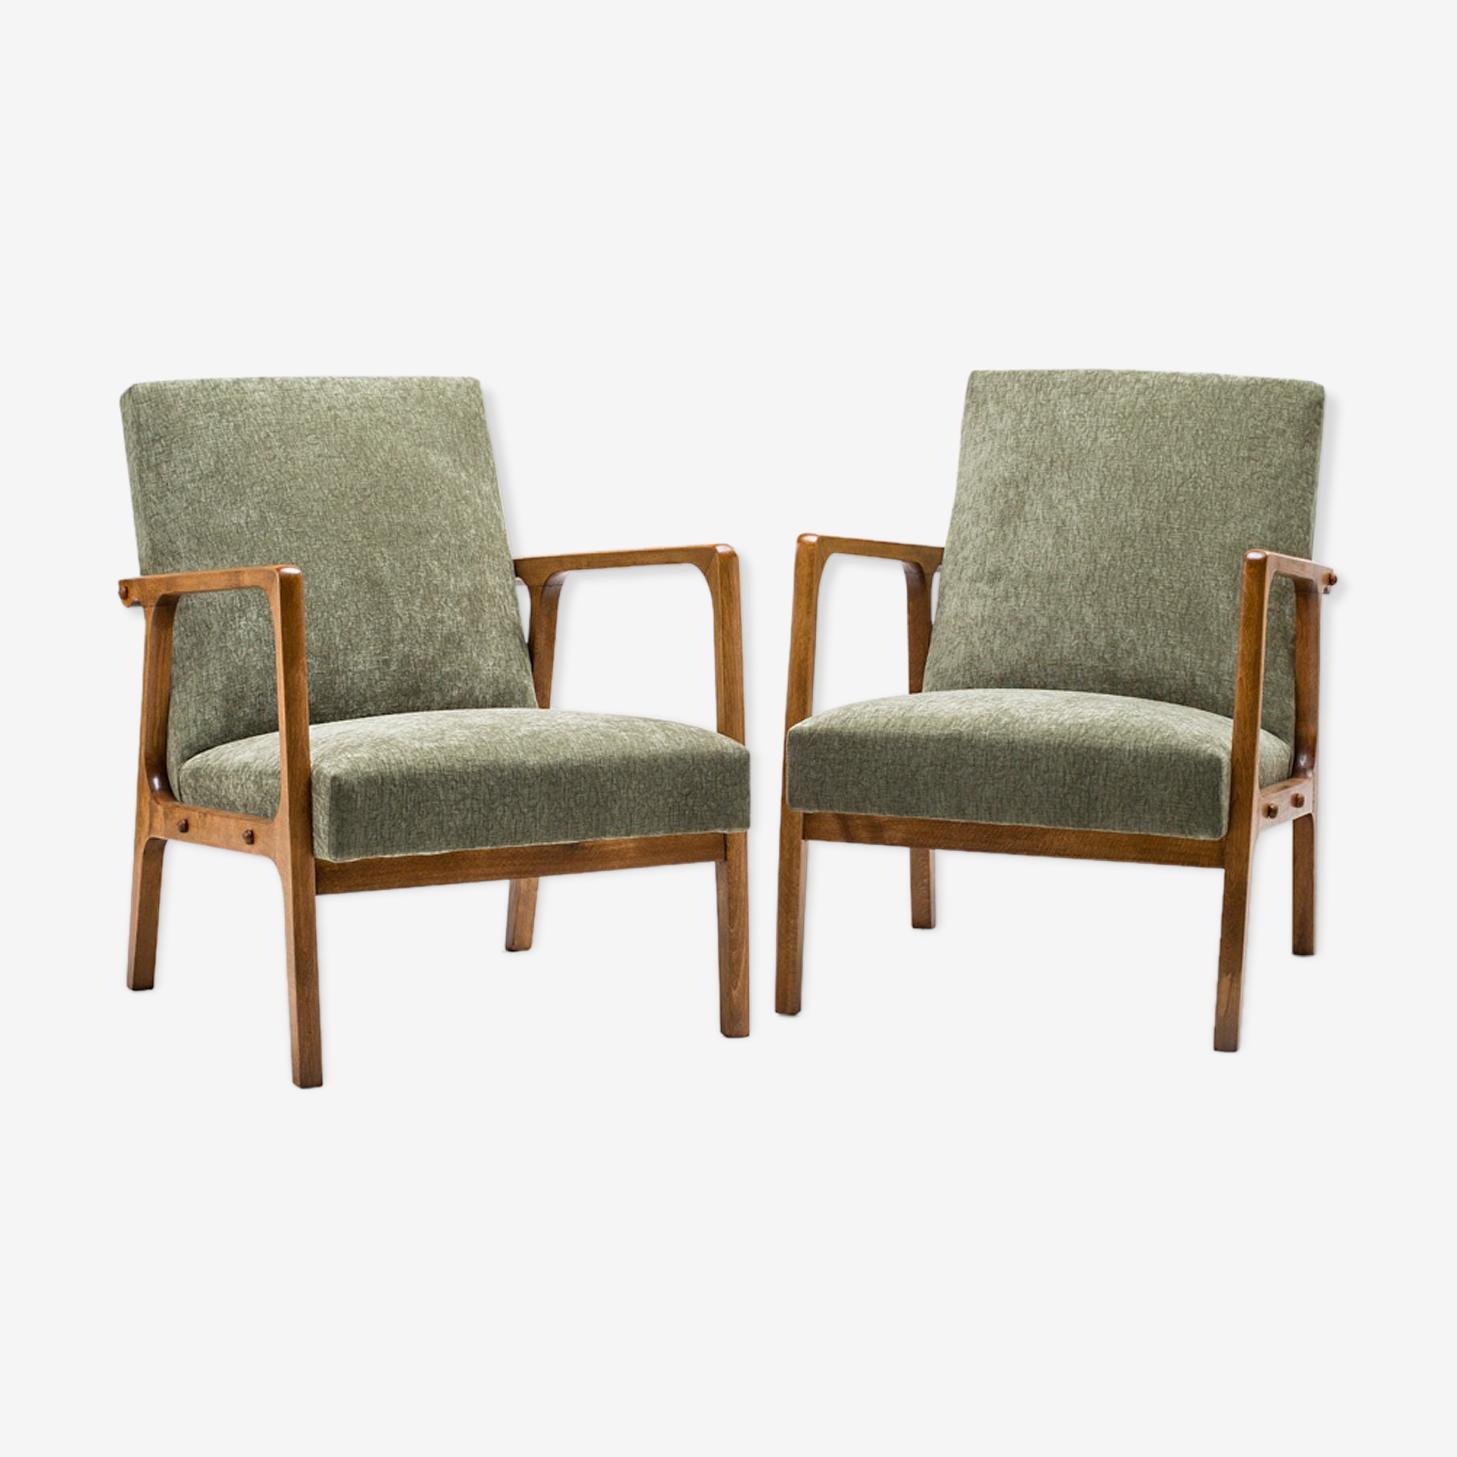 Ensemble de 2 fauteuils type 68, années 60.